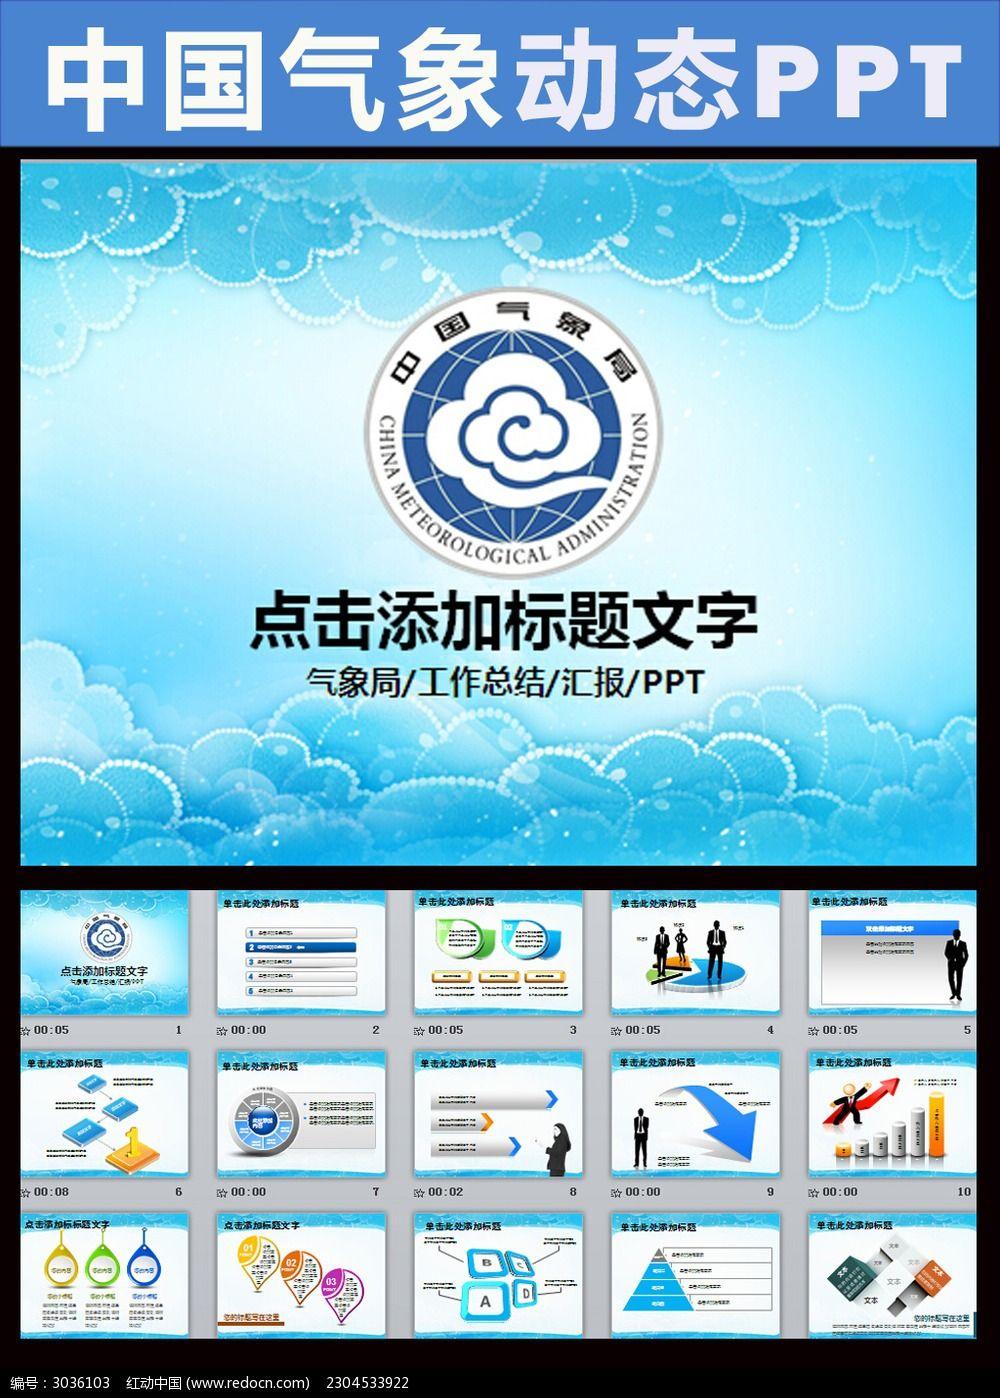 蓝色气象局工作报告会议总结PPT图片